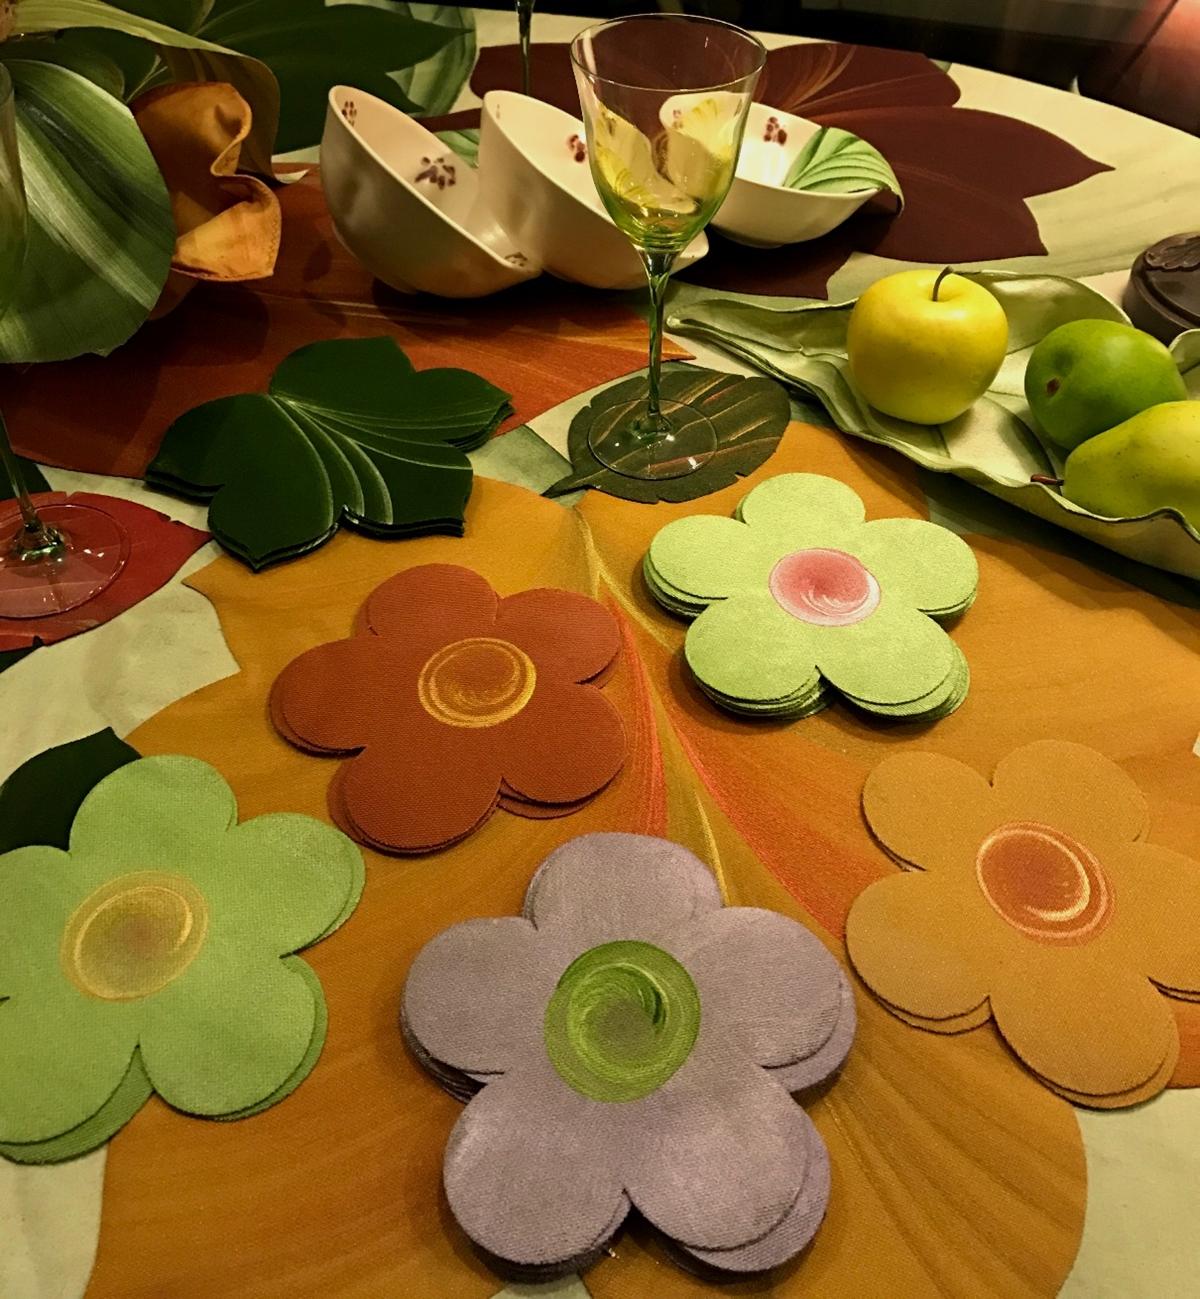 coasters-flower-store-display.jpeg